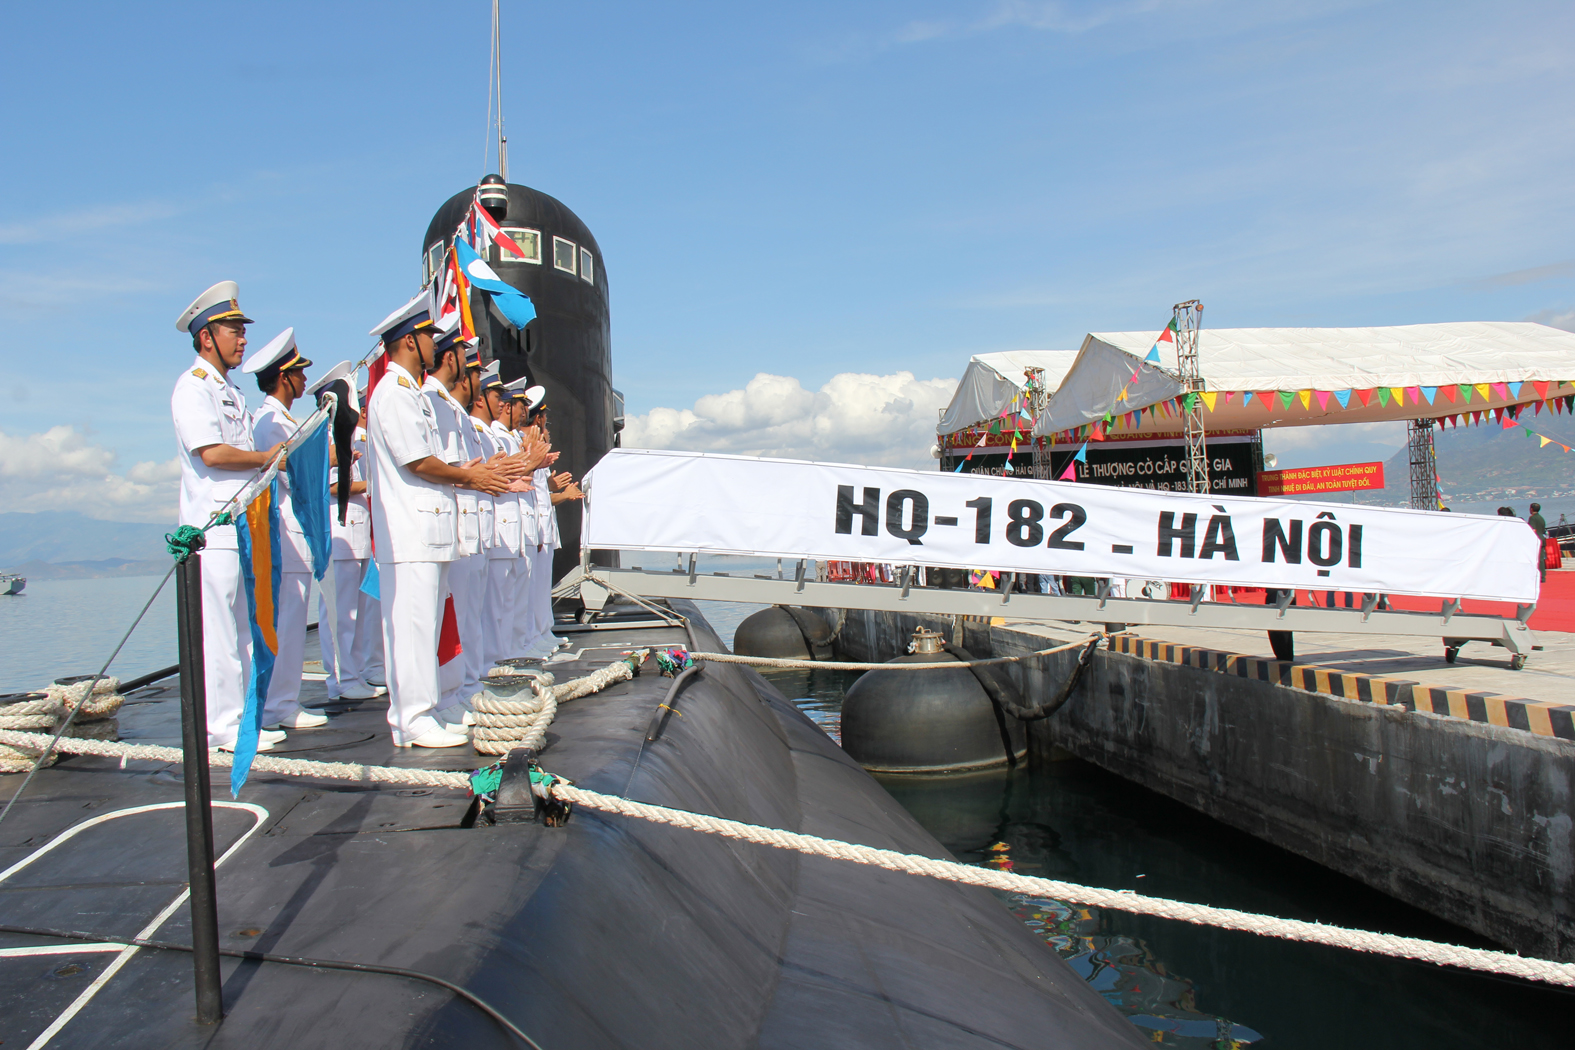 Đội hình cán bộ thủy thủ tàu HQ-182 Hà Nội